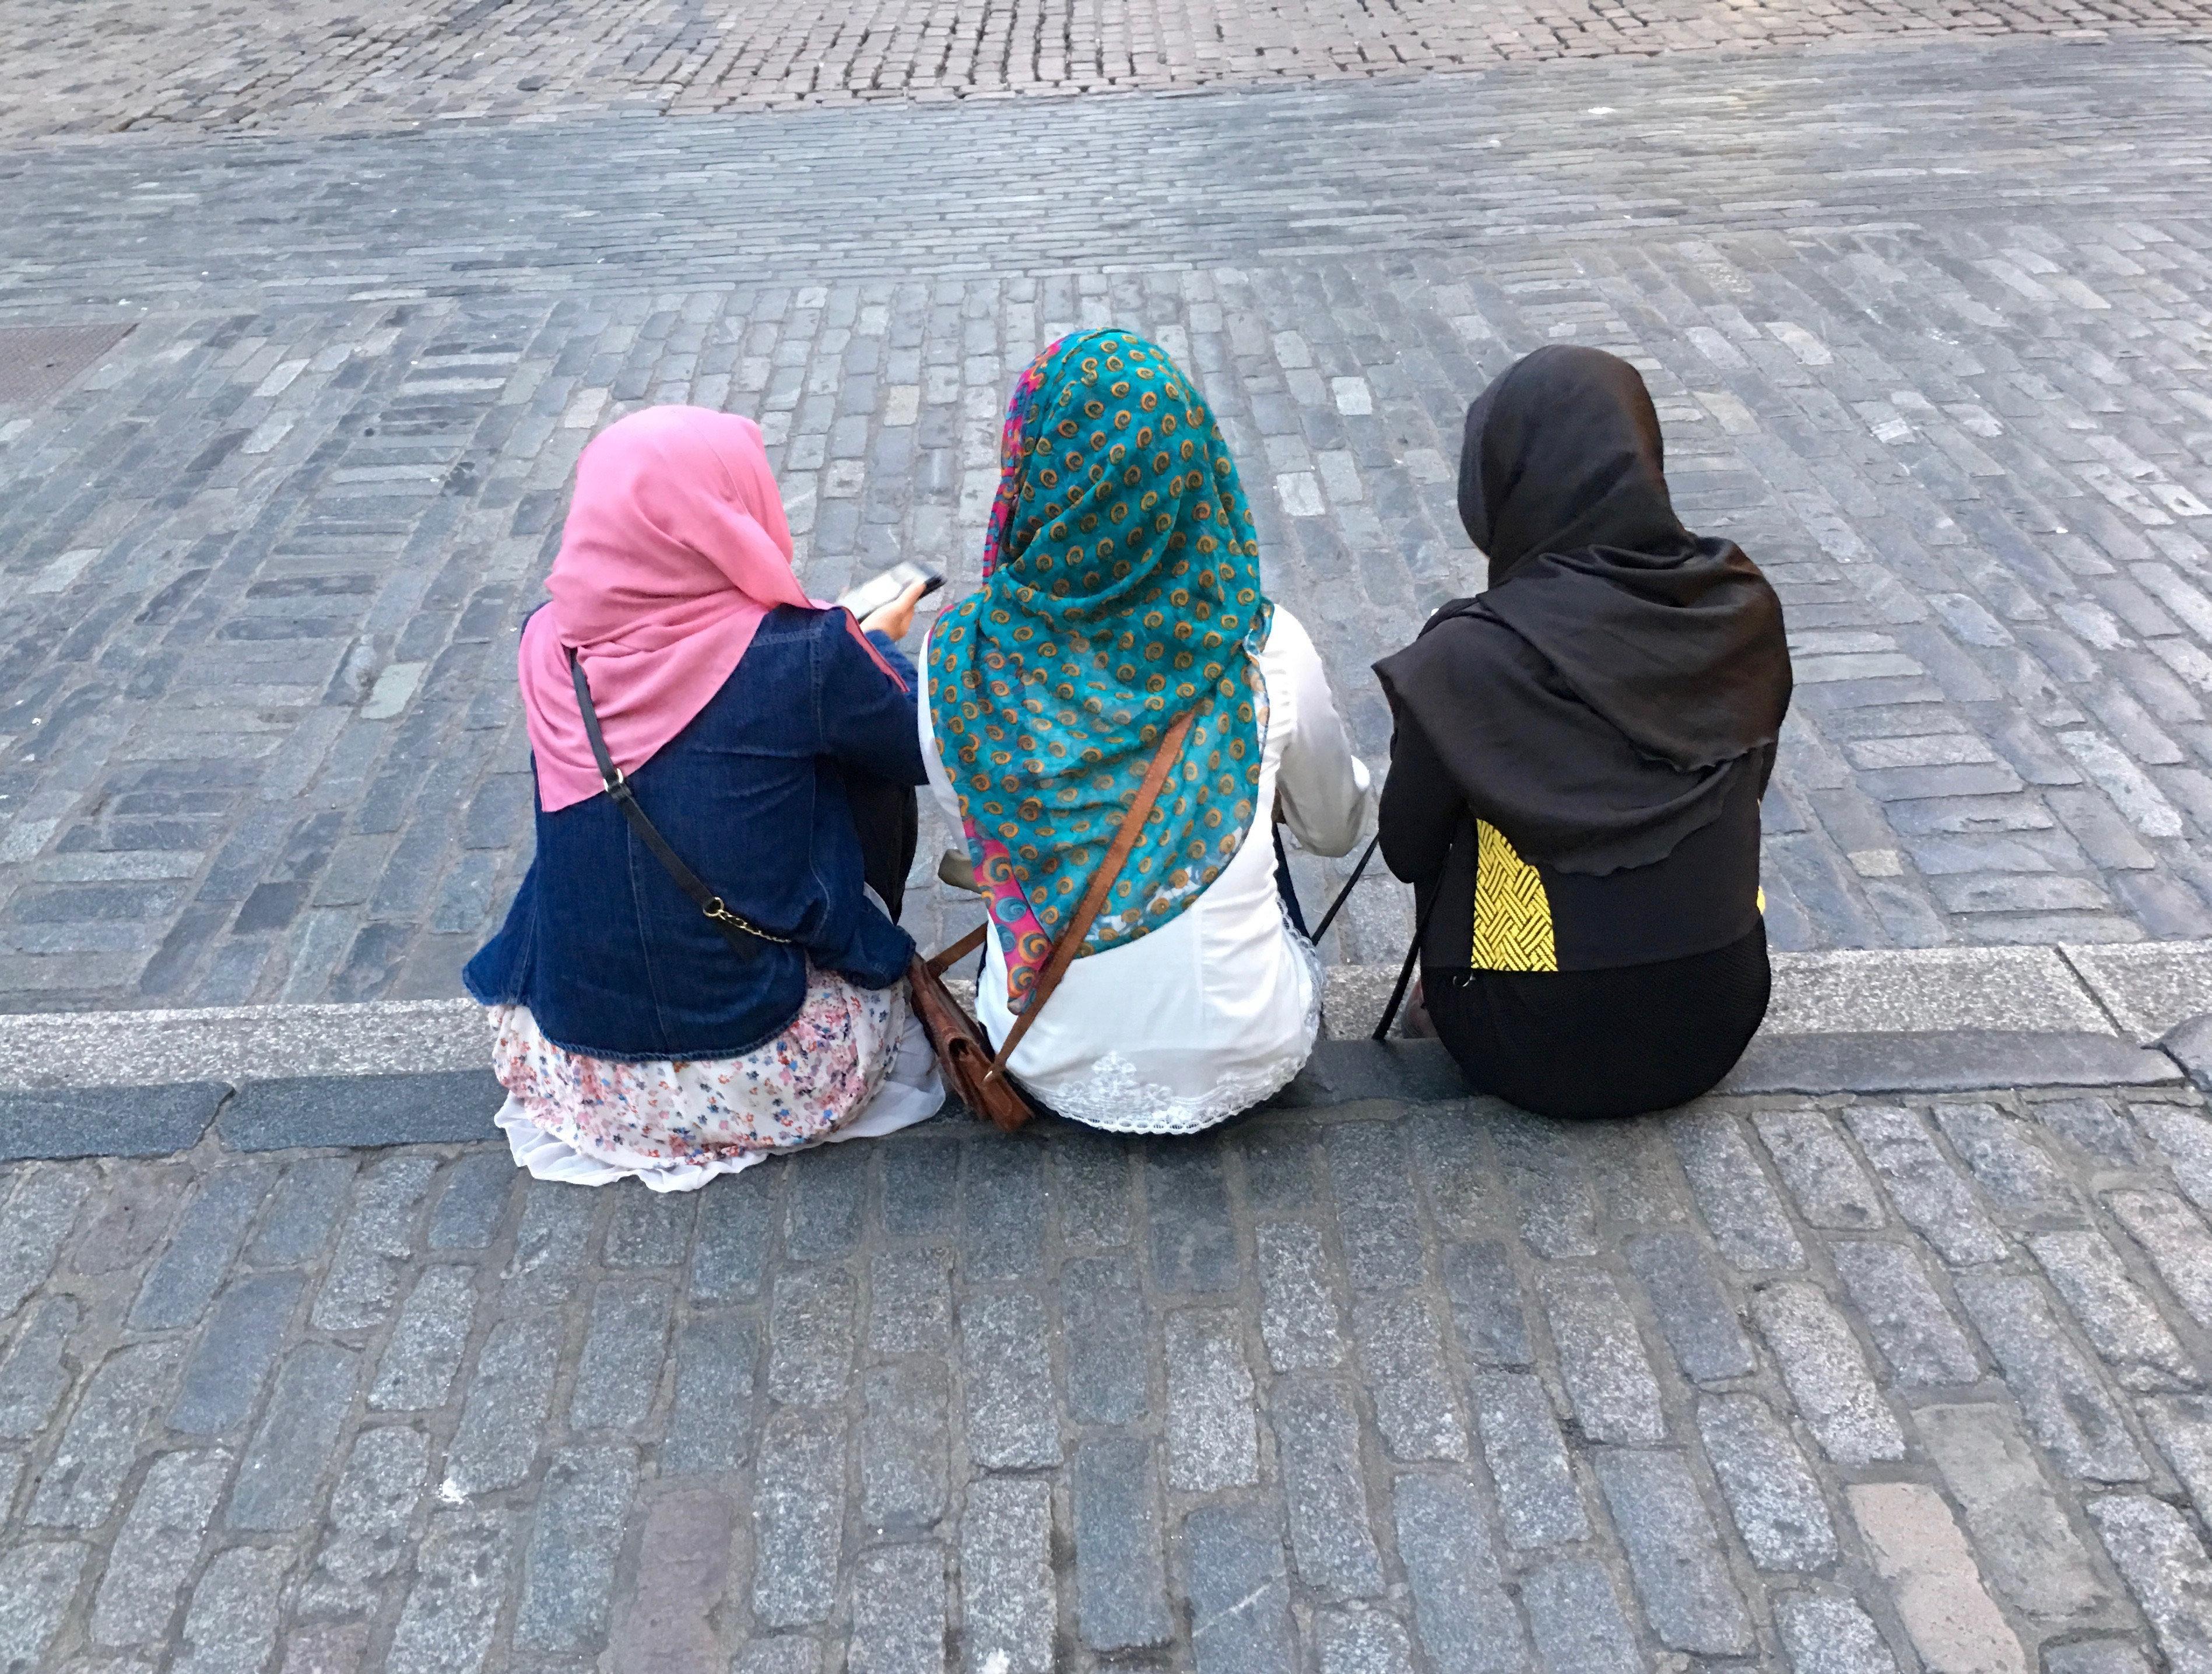 Kopftuch bei Kindern: Erzieherin aus dem Brennpunkt erklärt, wie es wirklich ist